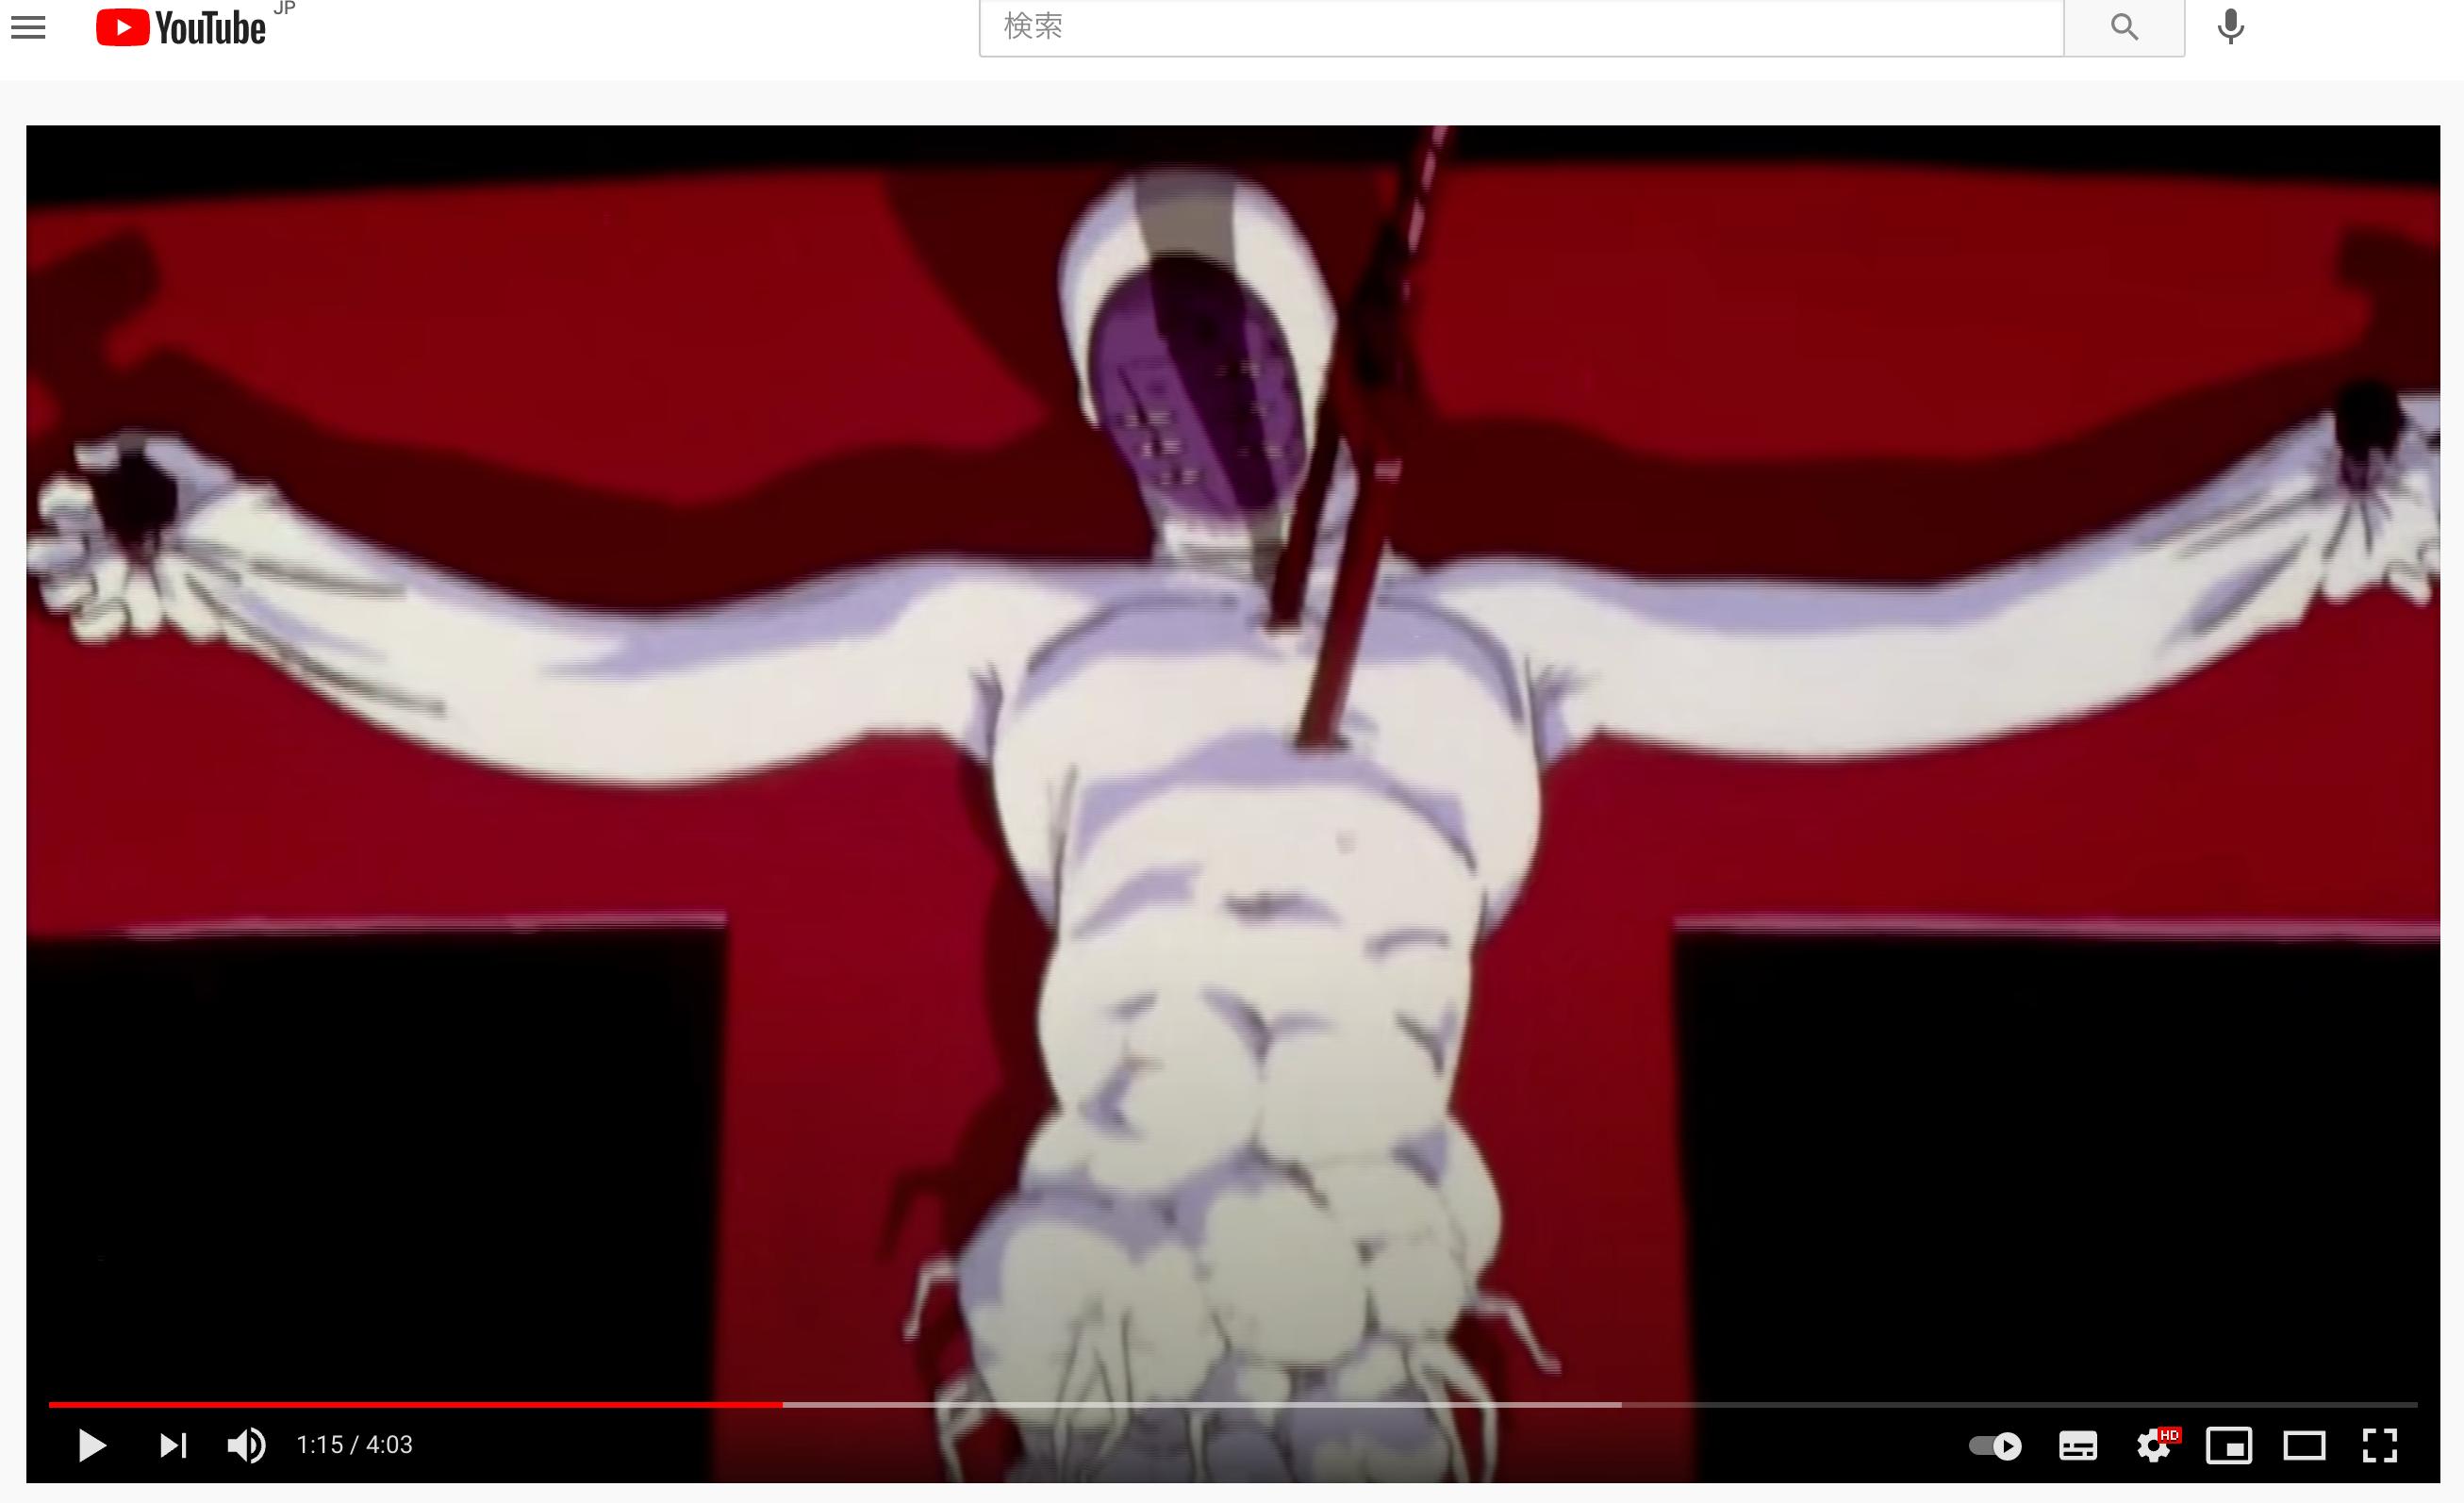 【あなたは何体知ってる?】『エヴァンゲリオン』使徒まとめ|圧倒的造形美! 神か悪魔か人類を襲う驚異の正体は!?